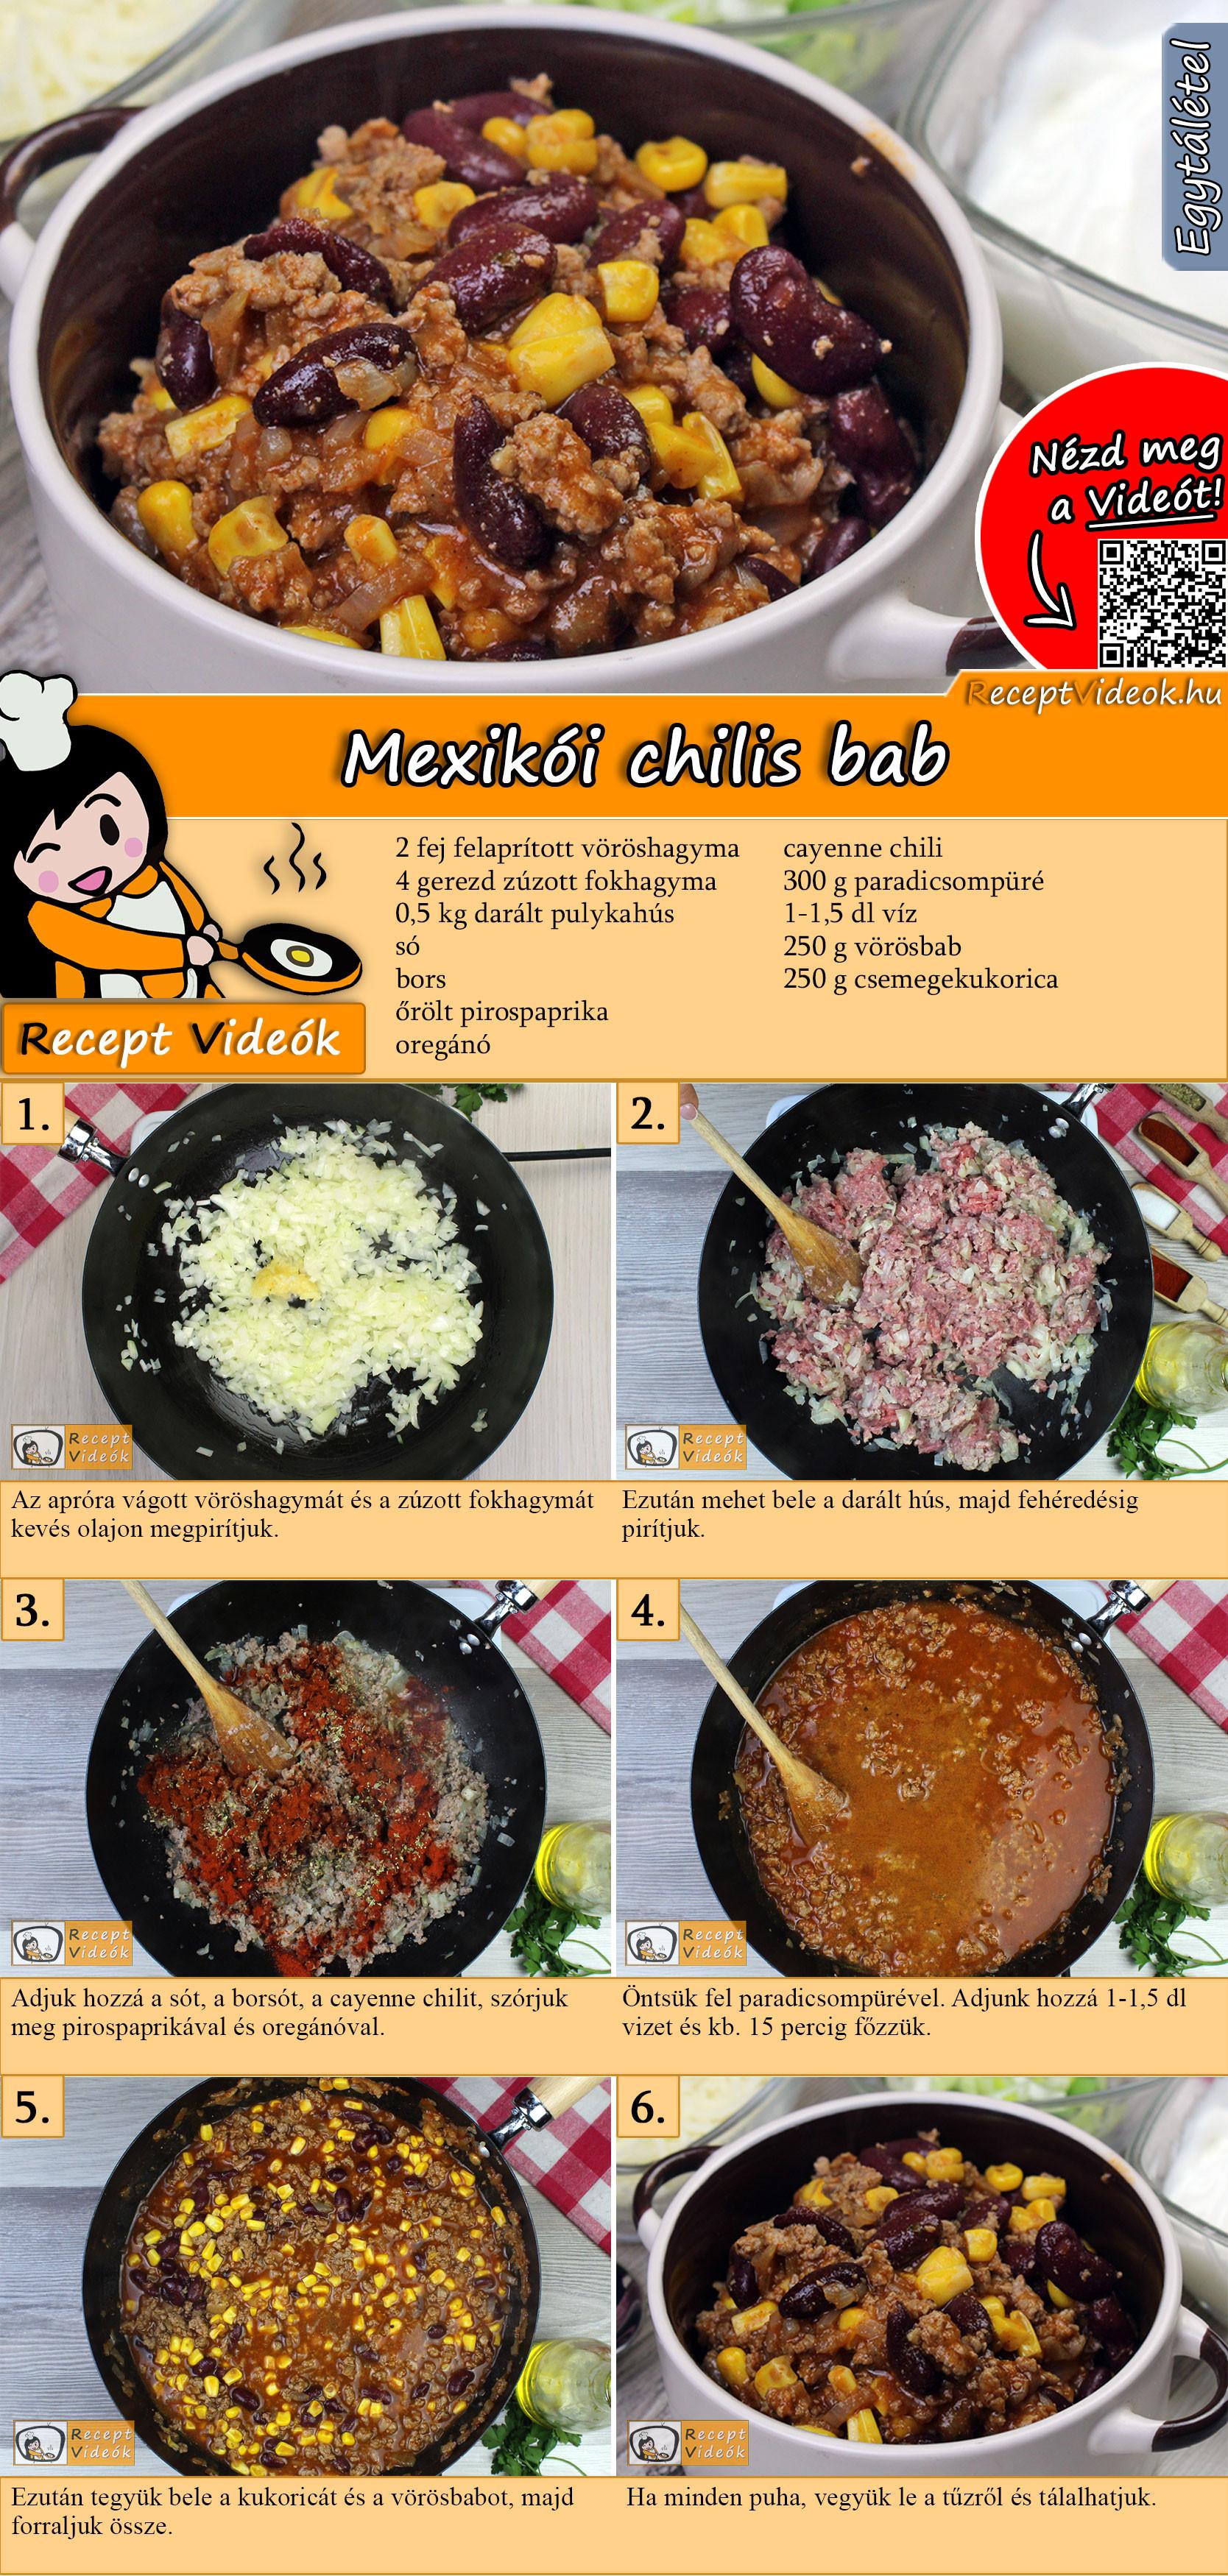 Mexikói chilis bab recept elkészítése videóval